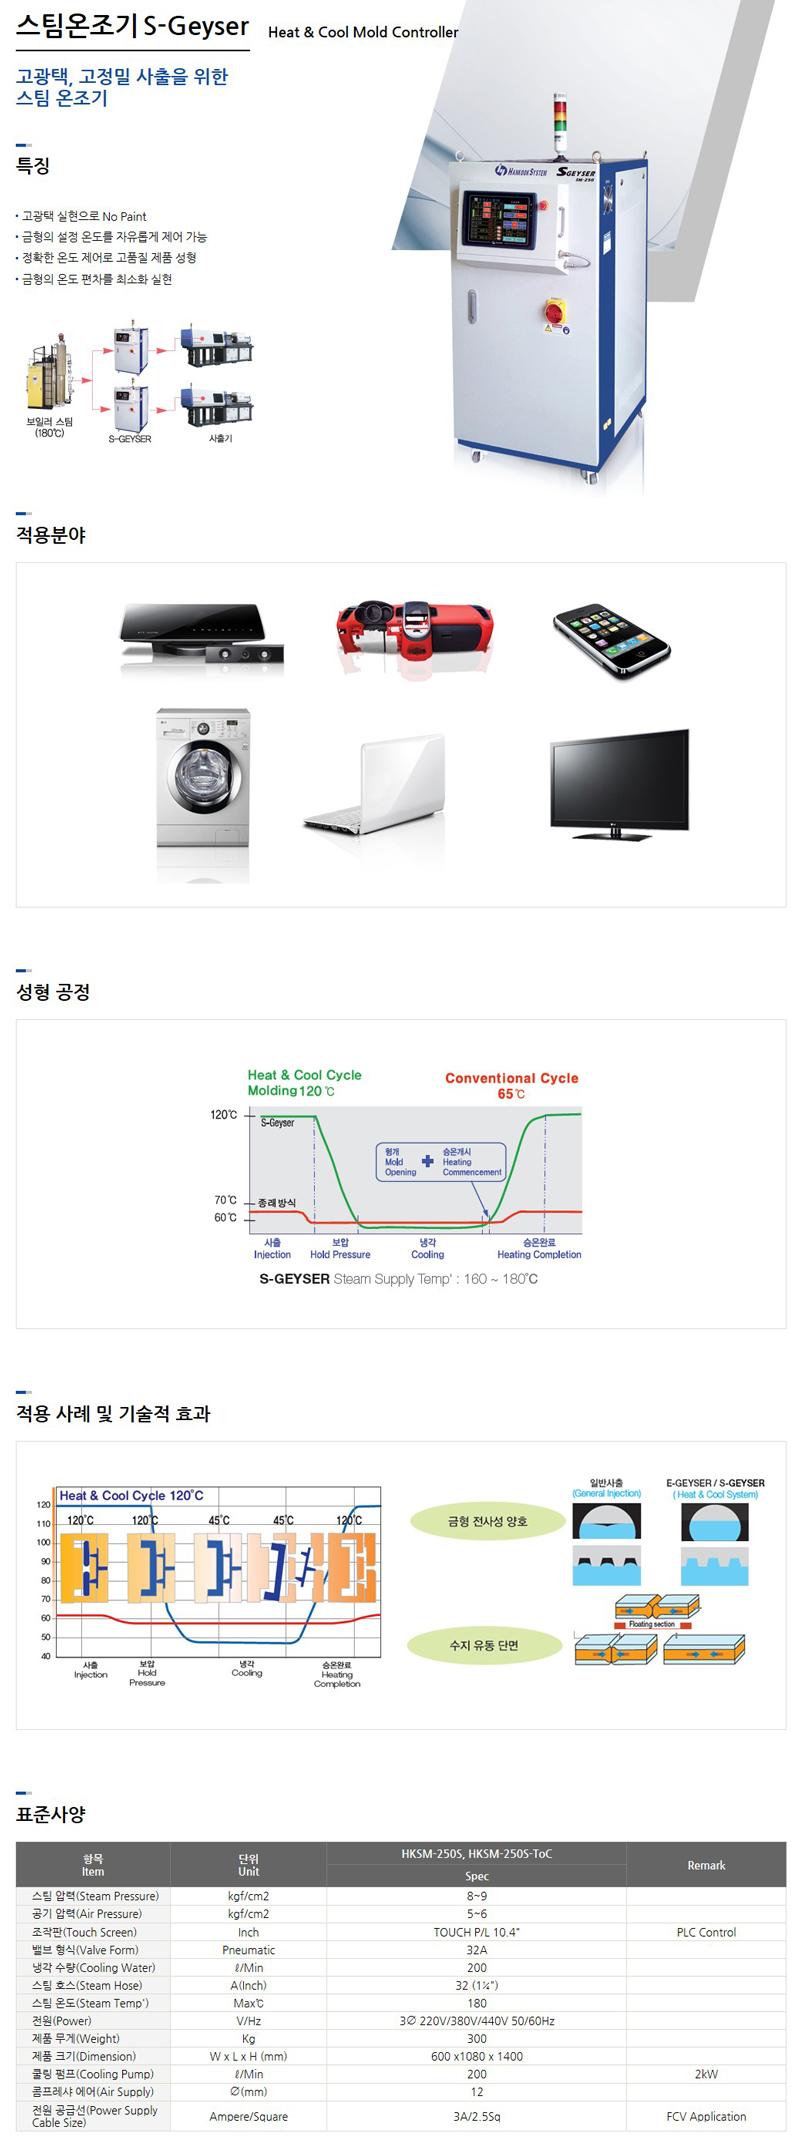 한국시스템(주) 스팀온조기